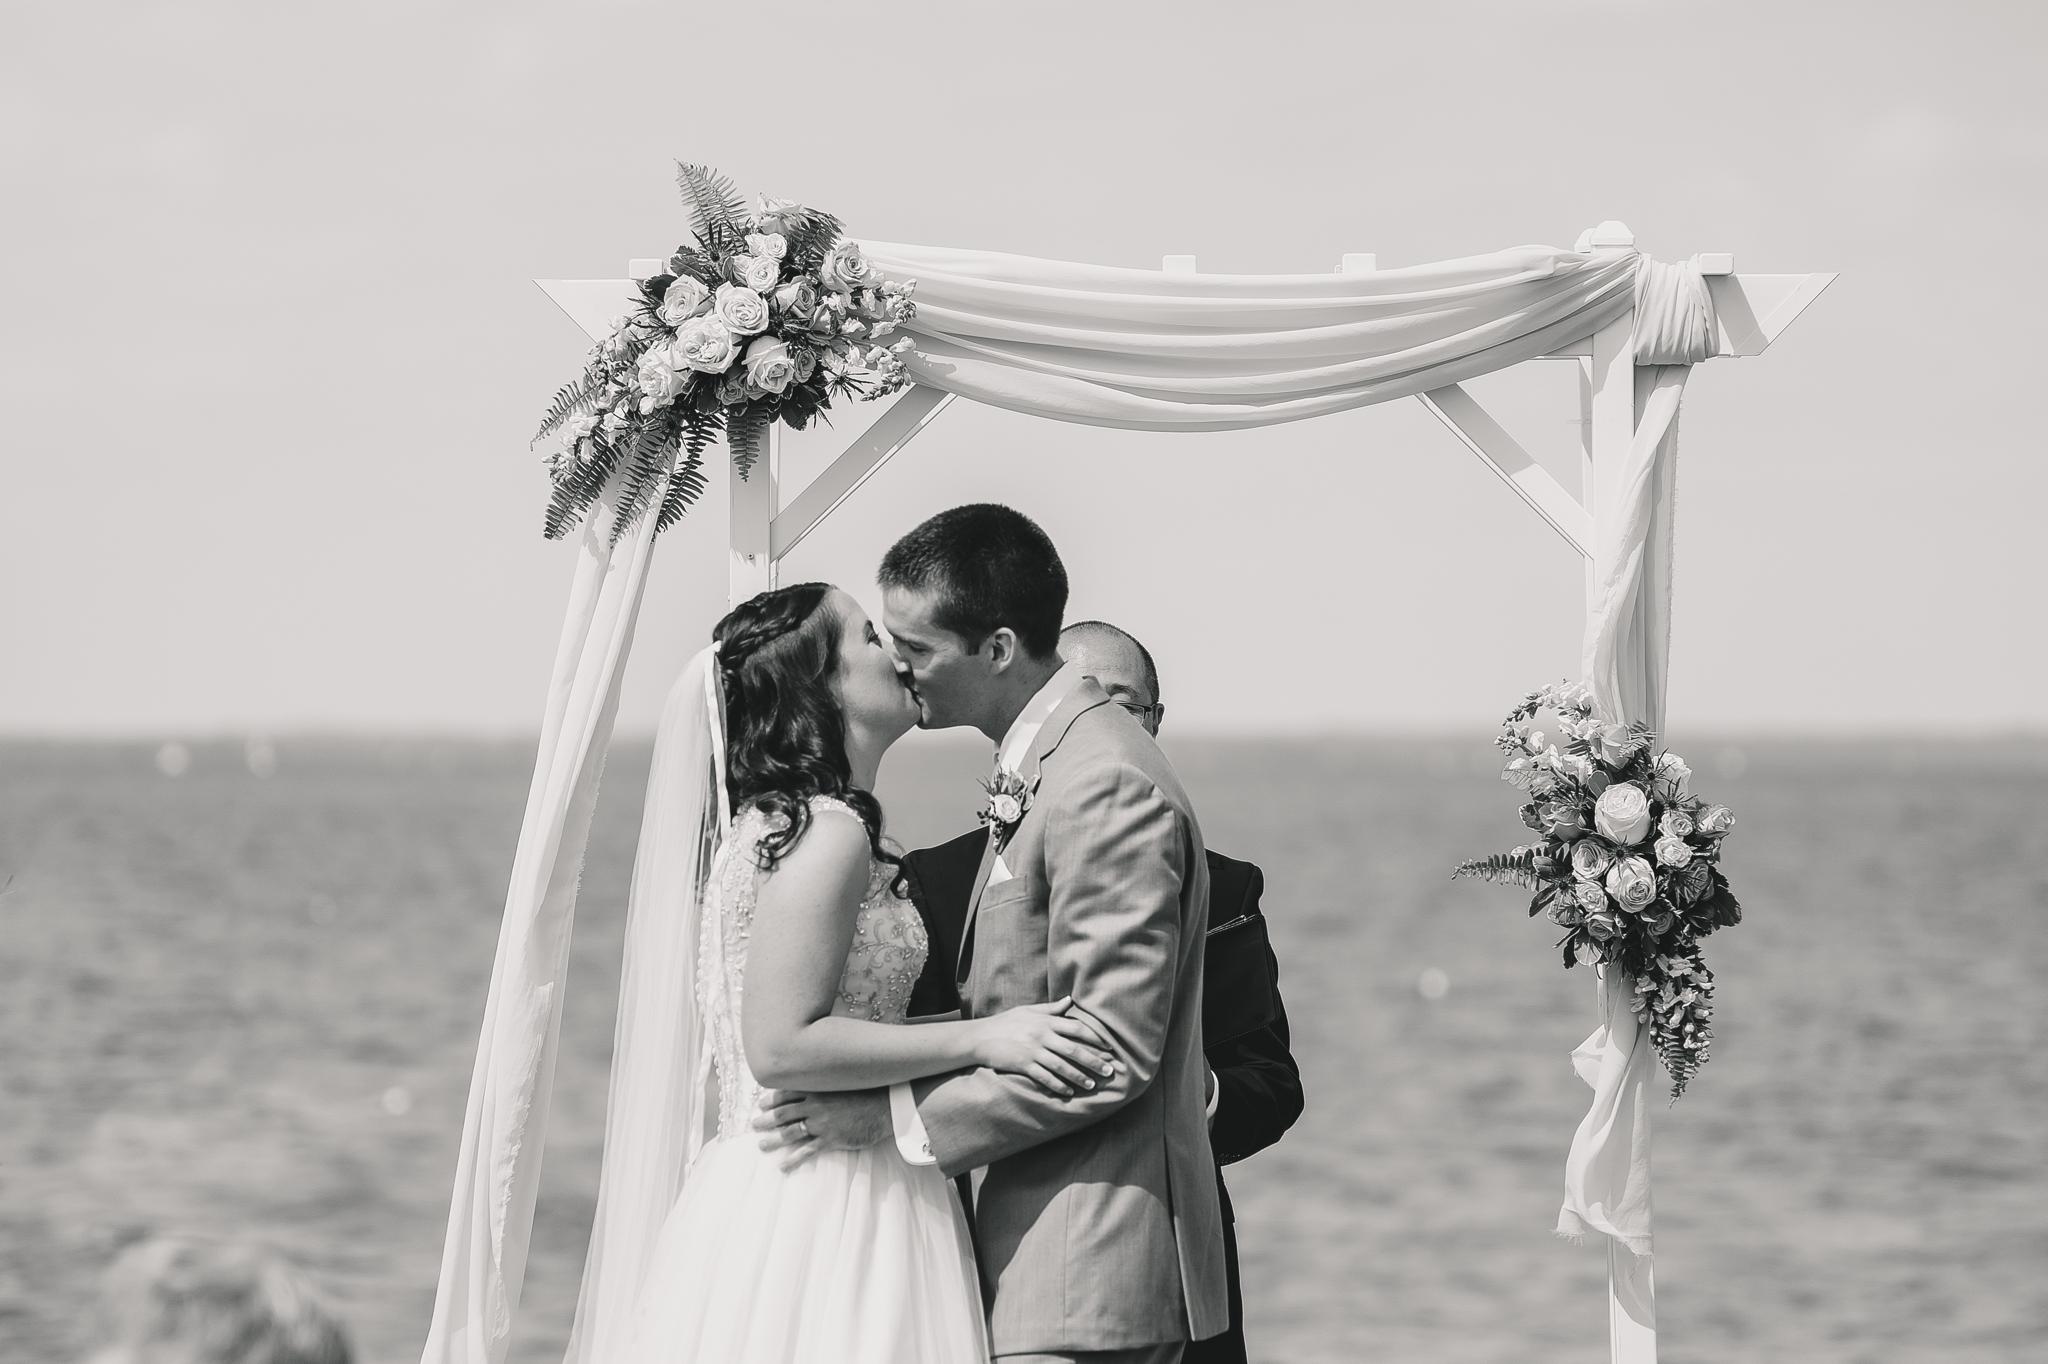 chesapeake bay wedding at silver swan bayside kent island maryland by jonathan hannah photography